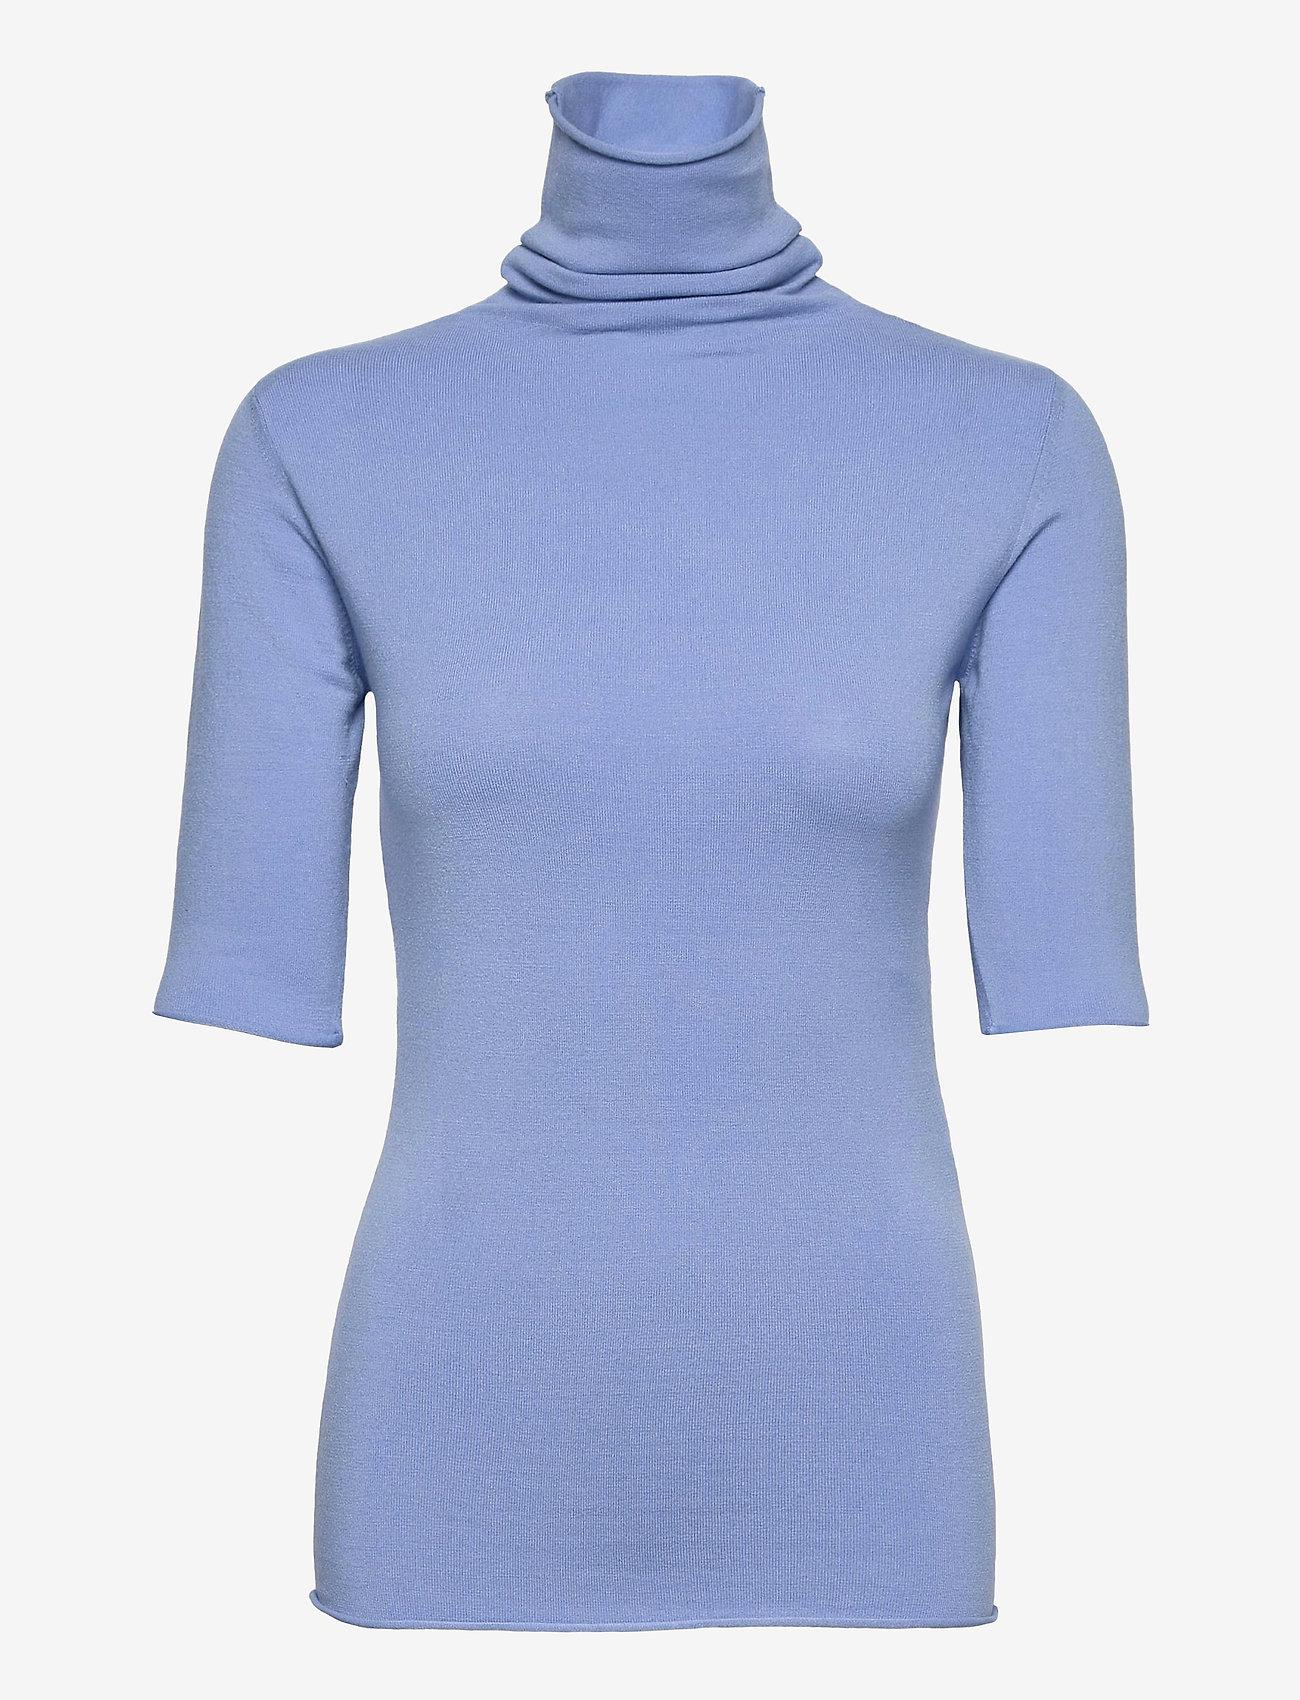 Max&Co. - DADO - gebreide t-shirts - vega blue - 0